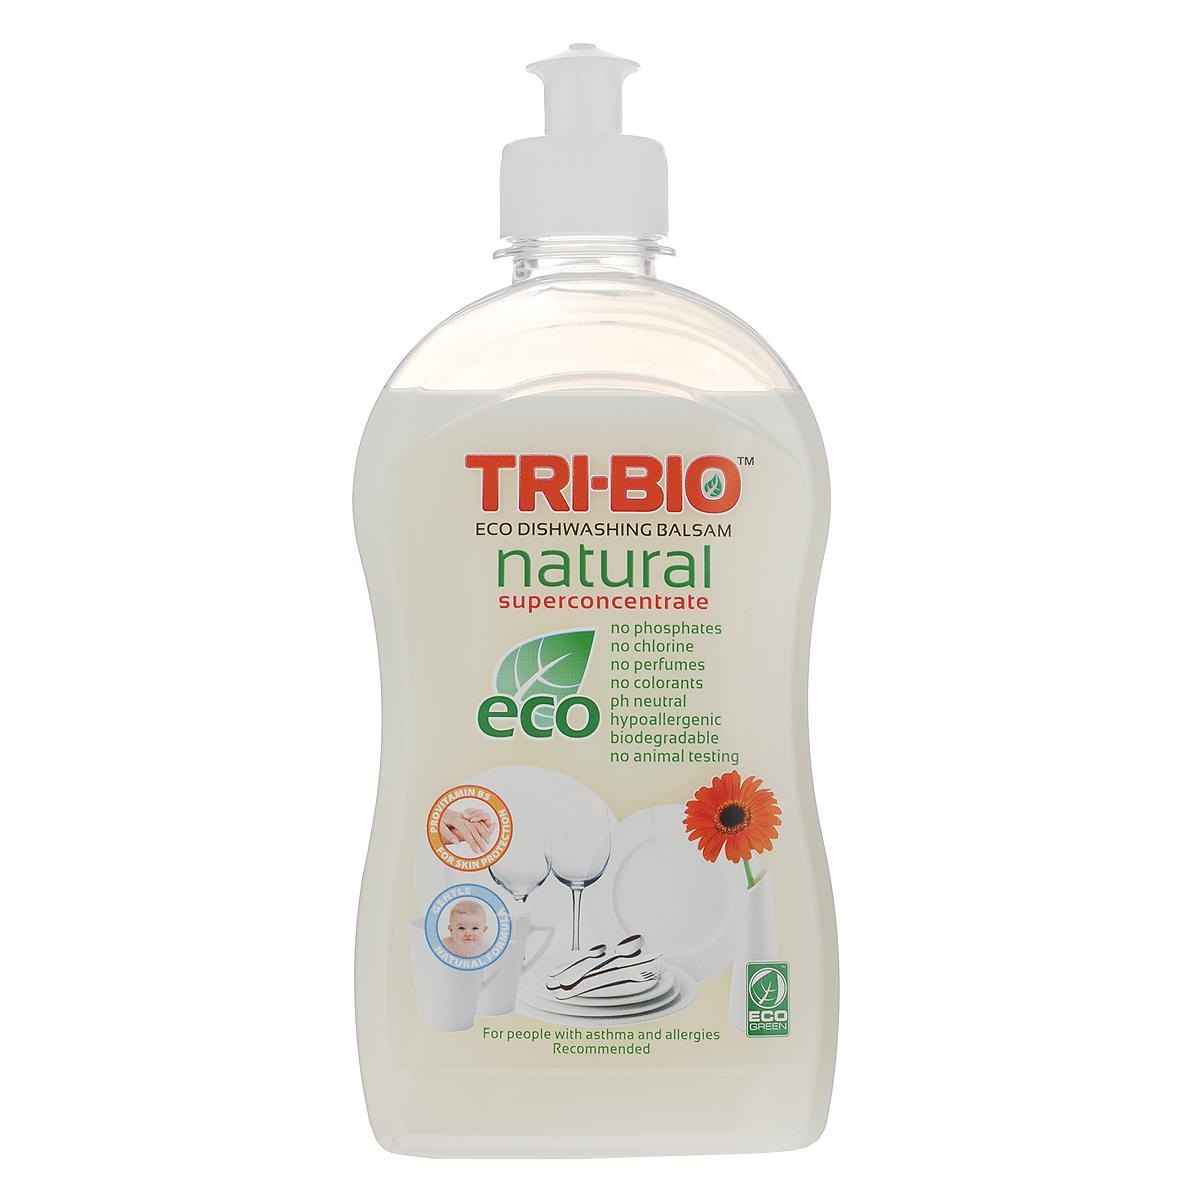 Натуральный эко-бальзам для мытья посуды Tri-Bio, 420 мл0420Эффективная формула основана на натуральных растительных и минеральных компонентах, кокосовом масле, сахаре, а также провитамине В5 для смягчения кожи. Нейтральный рH.Супер концентрированный густой белый бальзам создает нежную пену, которая эффективно удаляет жир и остатки пищи с посуды и стеклянных, керамических, каменных и металлических поверхностей. Не содержит опасных химических веществ, но также эффективна, как широко известные жесткие химические моющие средства.Подходит людям с чувствительной кожей: оказывает более щадящее воздействие на руки, не сушит кожу, не повреждает ногти, не раздражает дыхательные пути. Идеально подходит для мытья детской посуды. Рекомендуется для людей, склонных к аллергическим реакциям и страдающих астмой.Для здоровья: Без фосфатов, растворителей, хлора отбеливающих веществ, абразивных веществ, отдушек, красителей, токсичных веществ.Для окружающей среды: Низкий уровень ЛОС, легко биоразлагаемо, минимальное влияние на водные организмы, рециклируемые упаковочные материалы, не испытывалось на животных.Присвоен сертификат ECO GREEN.